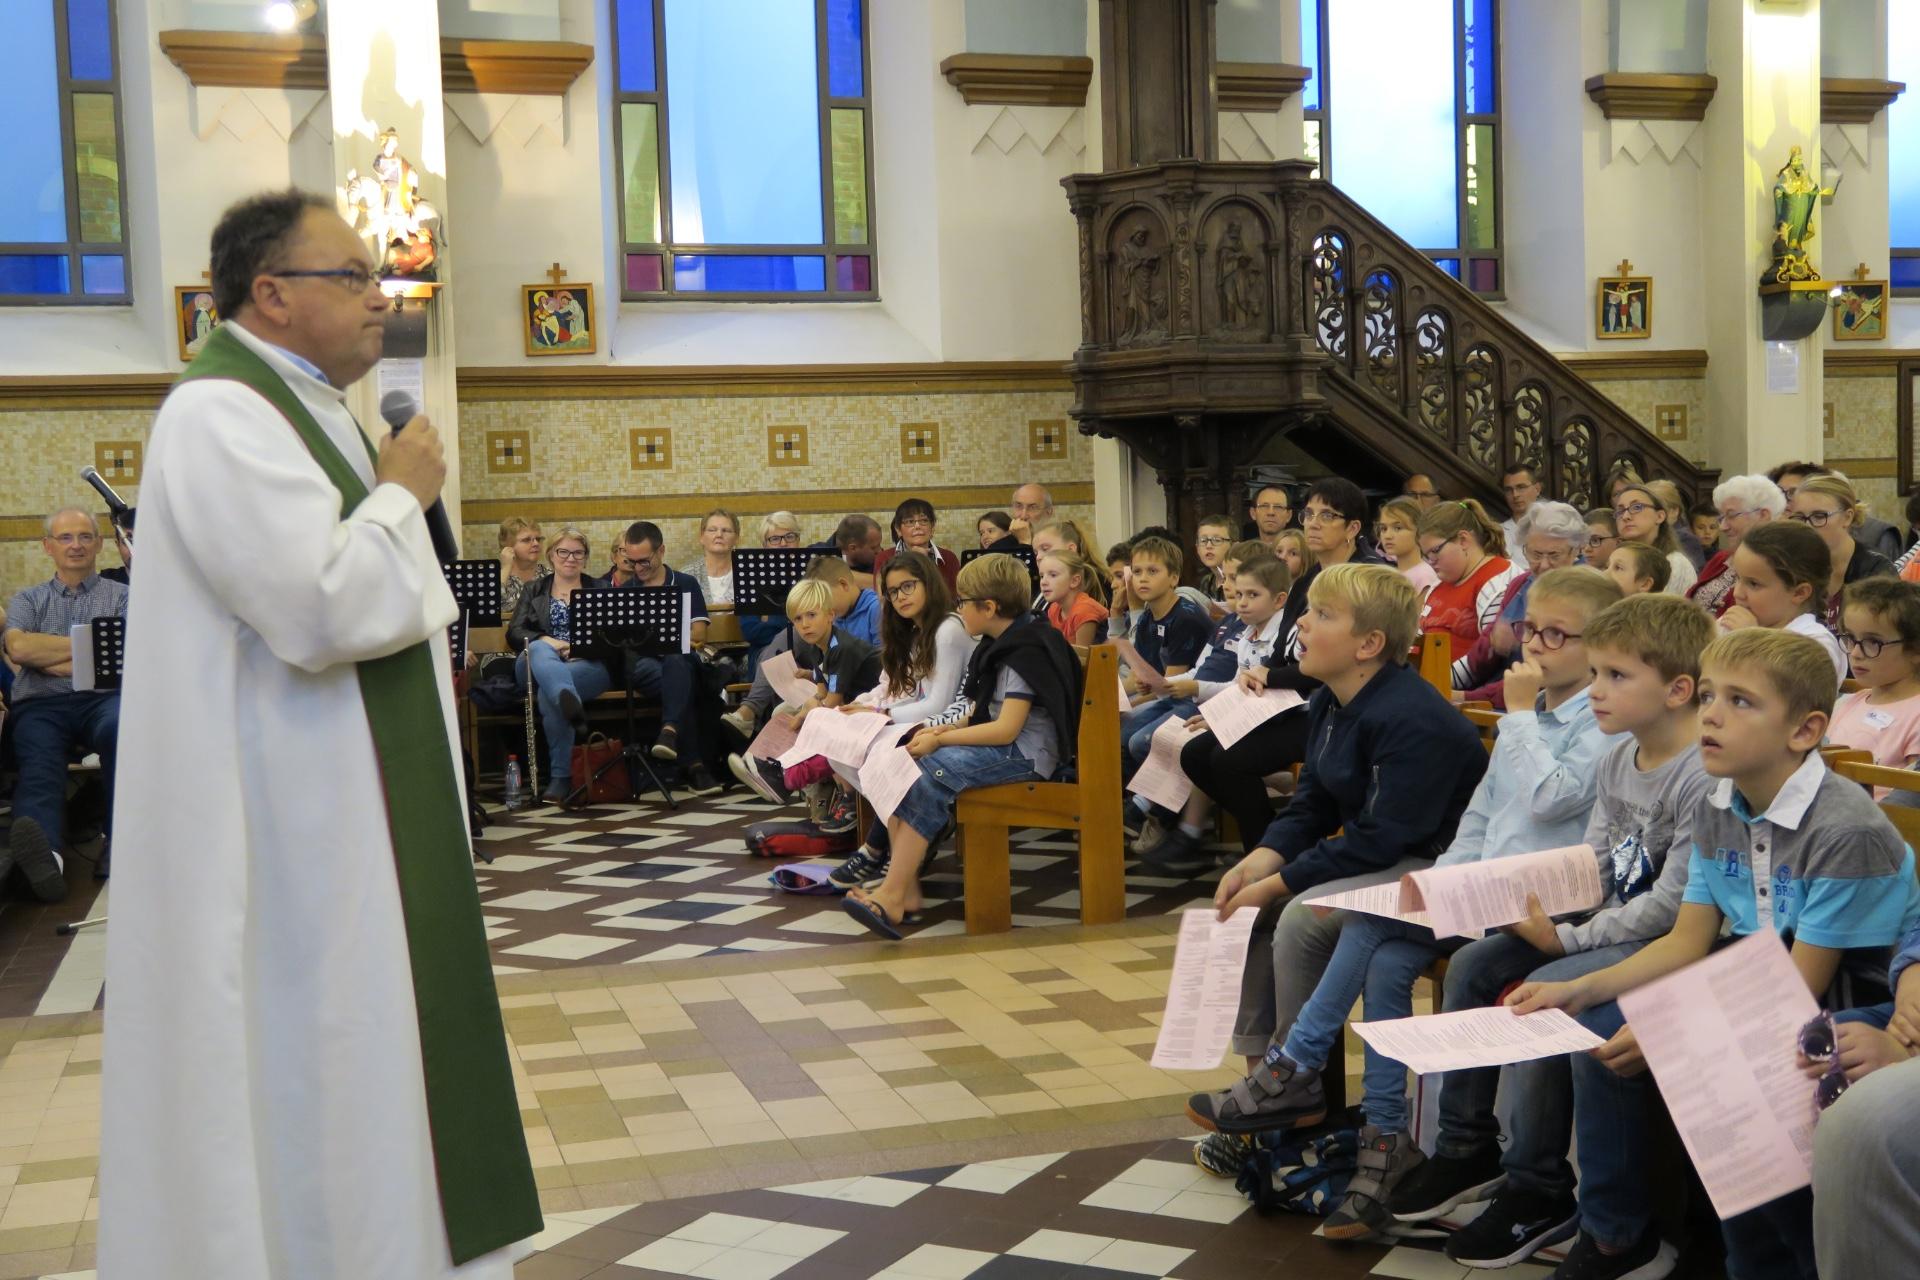 Messe de rentree Kt 2018IMG_1828